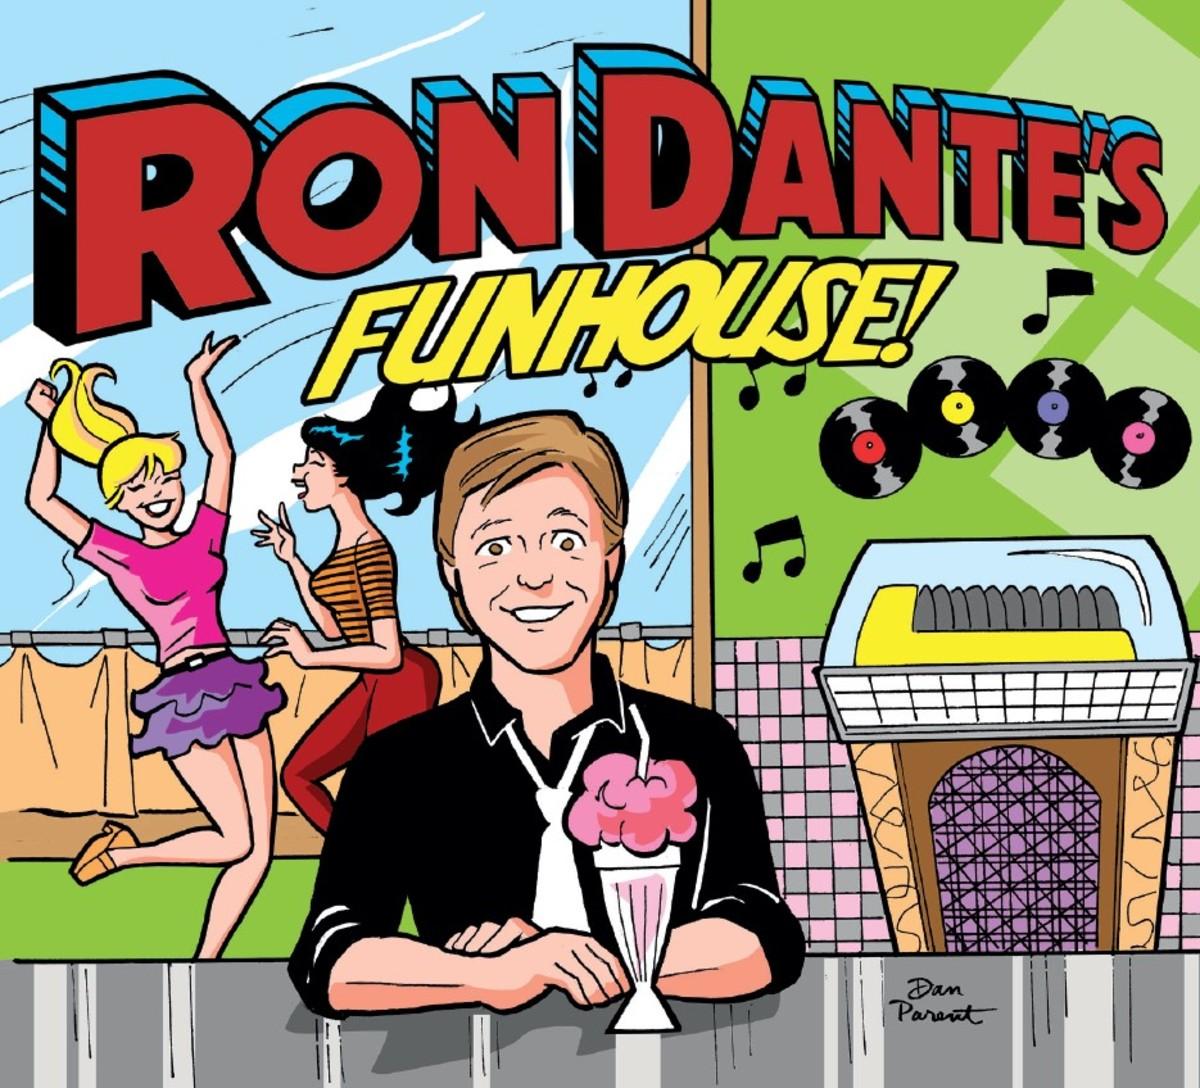 Ron Dante Funhouse